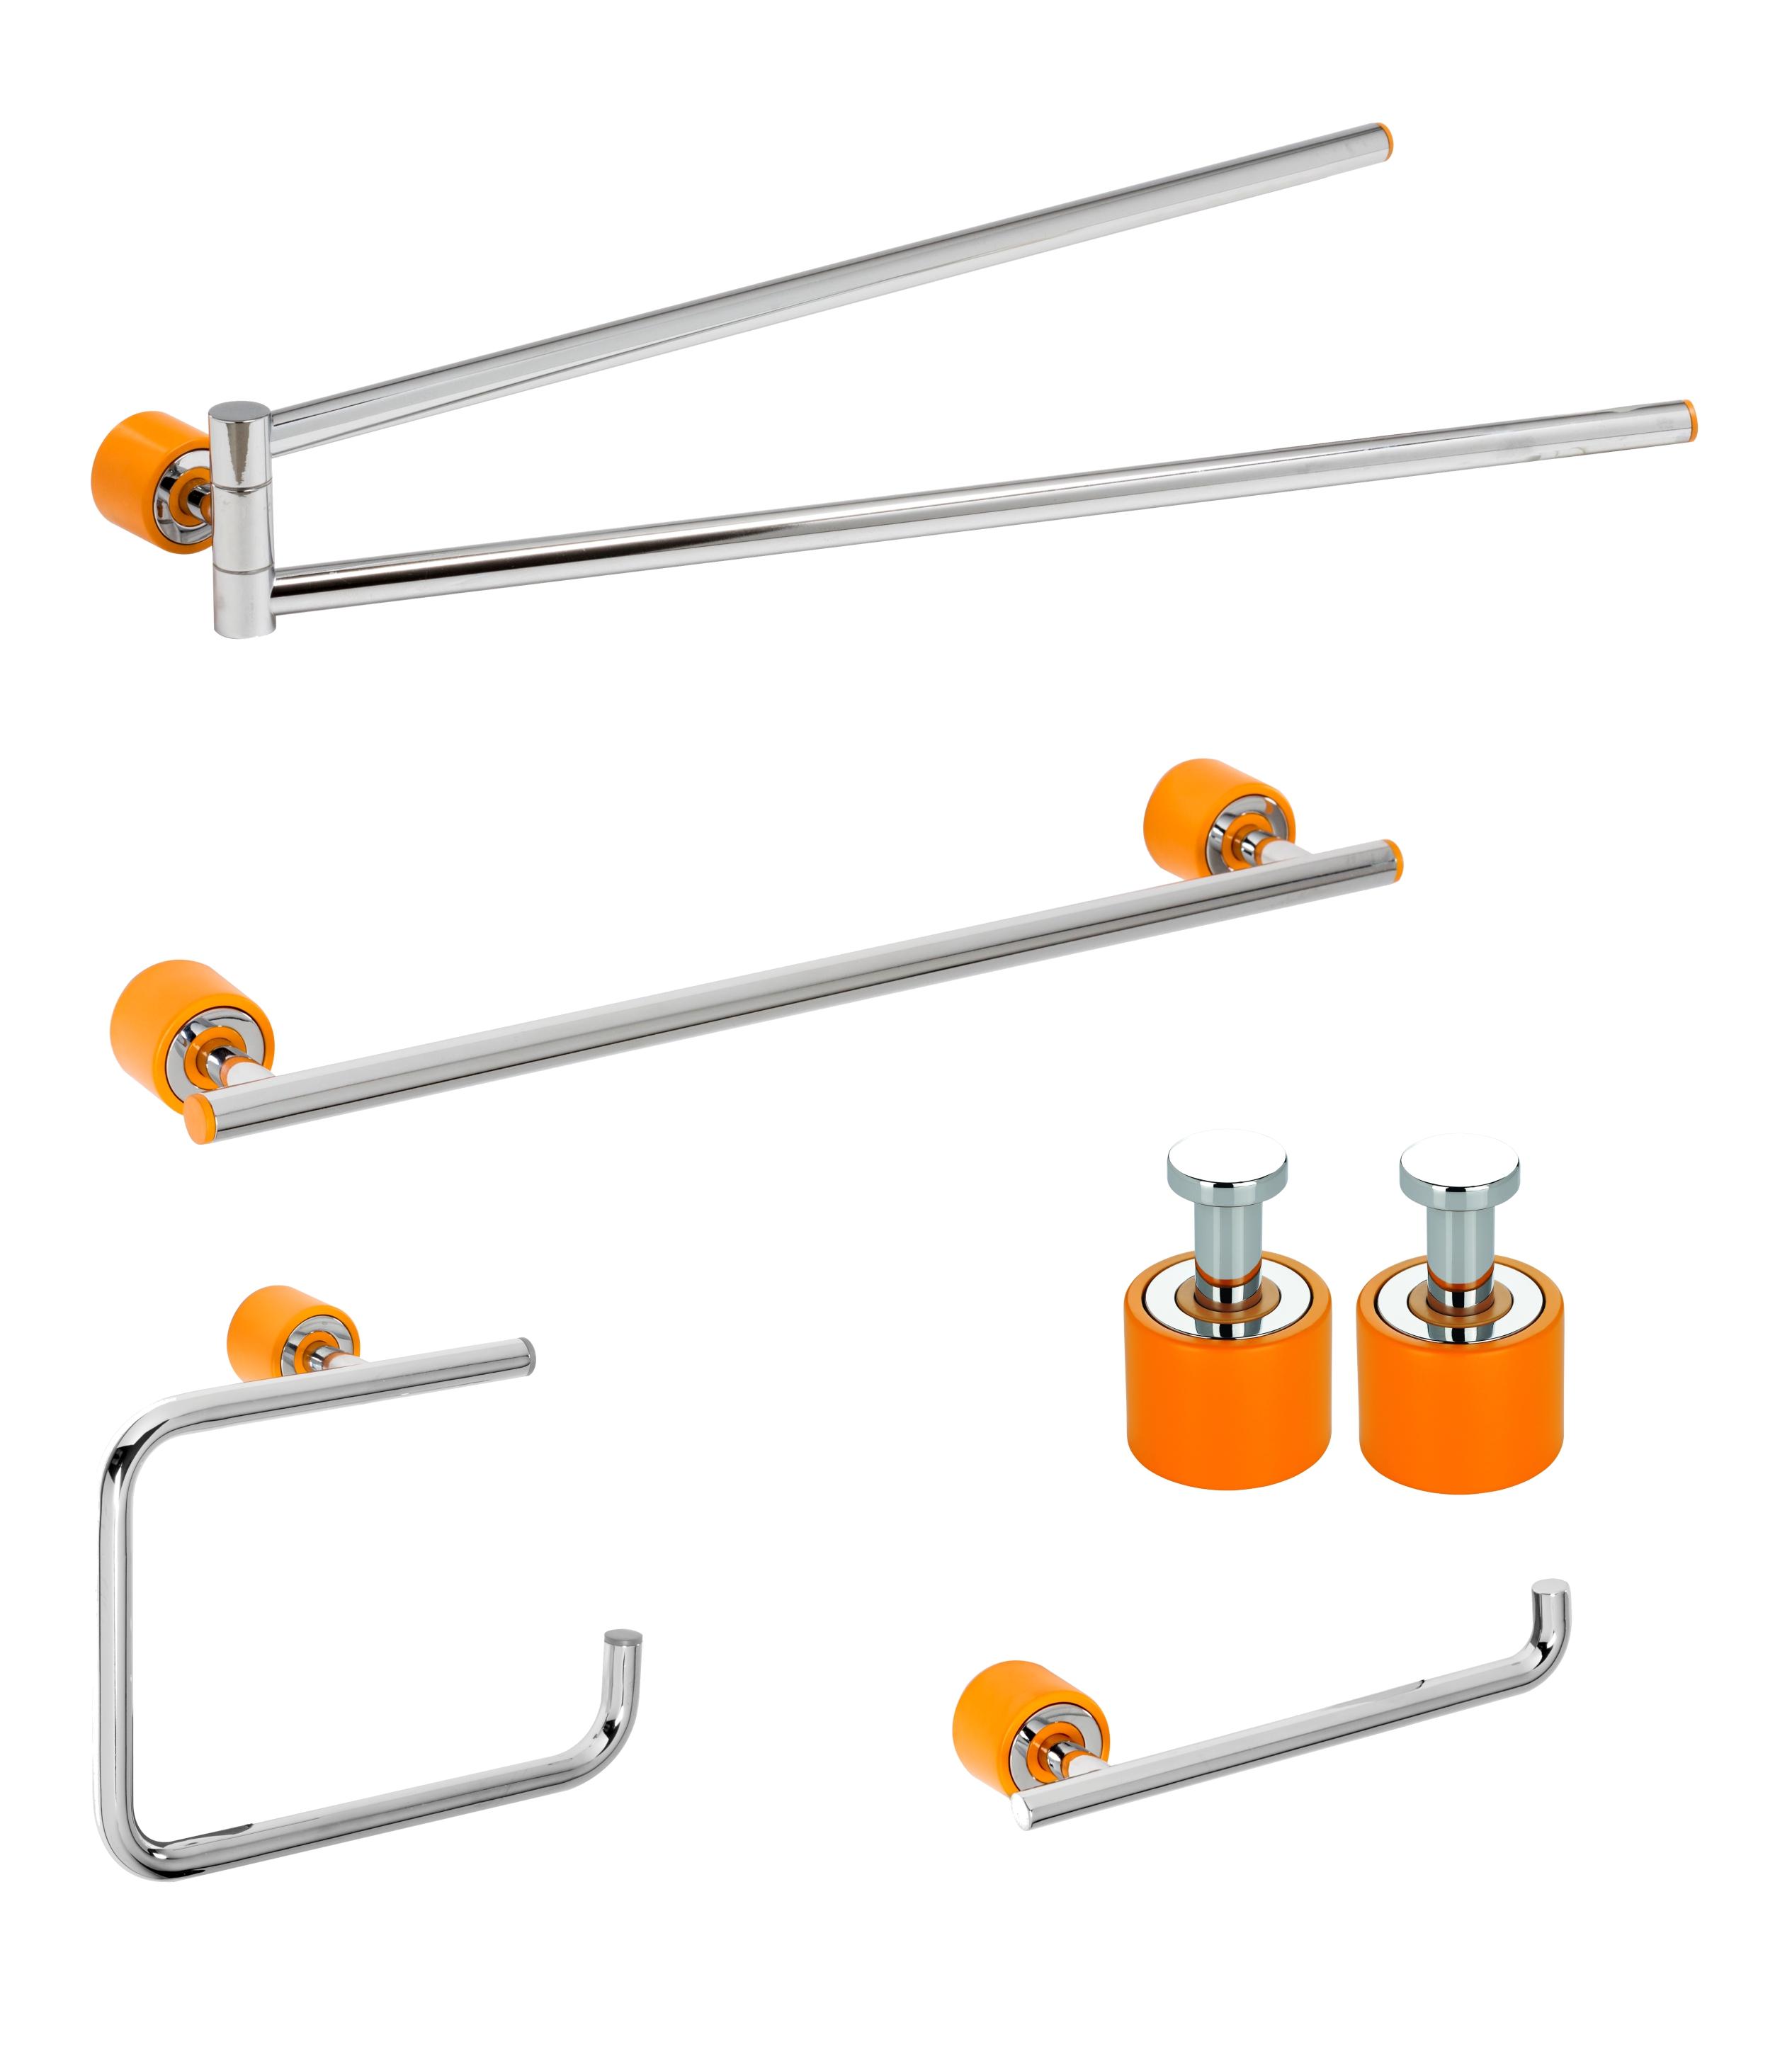 Set de accesorii pentru baie Metaform ENJOY Colour Orange